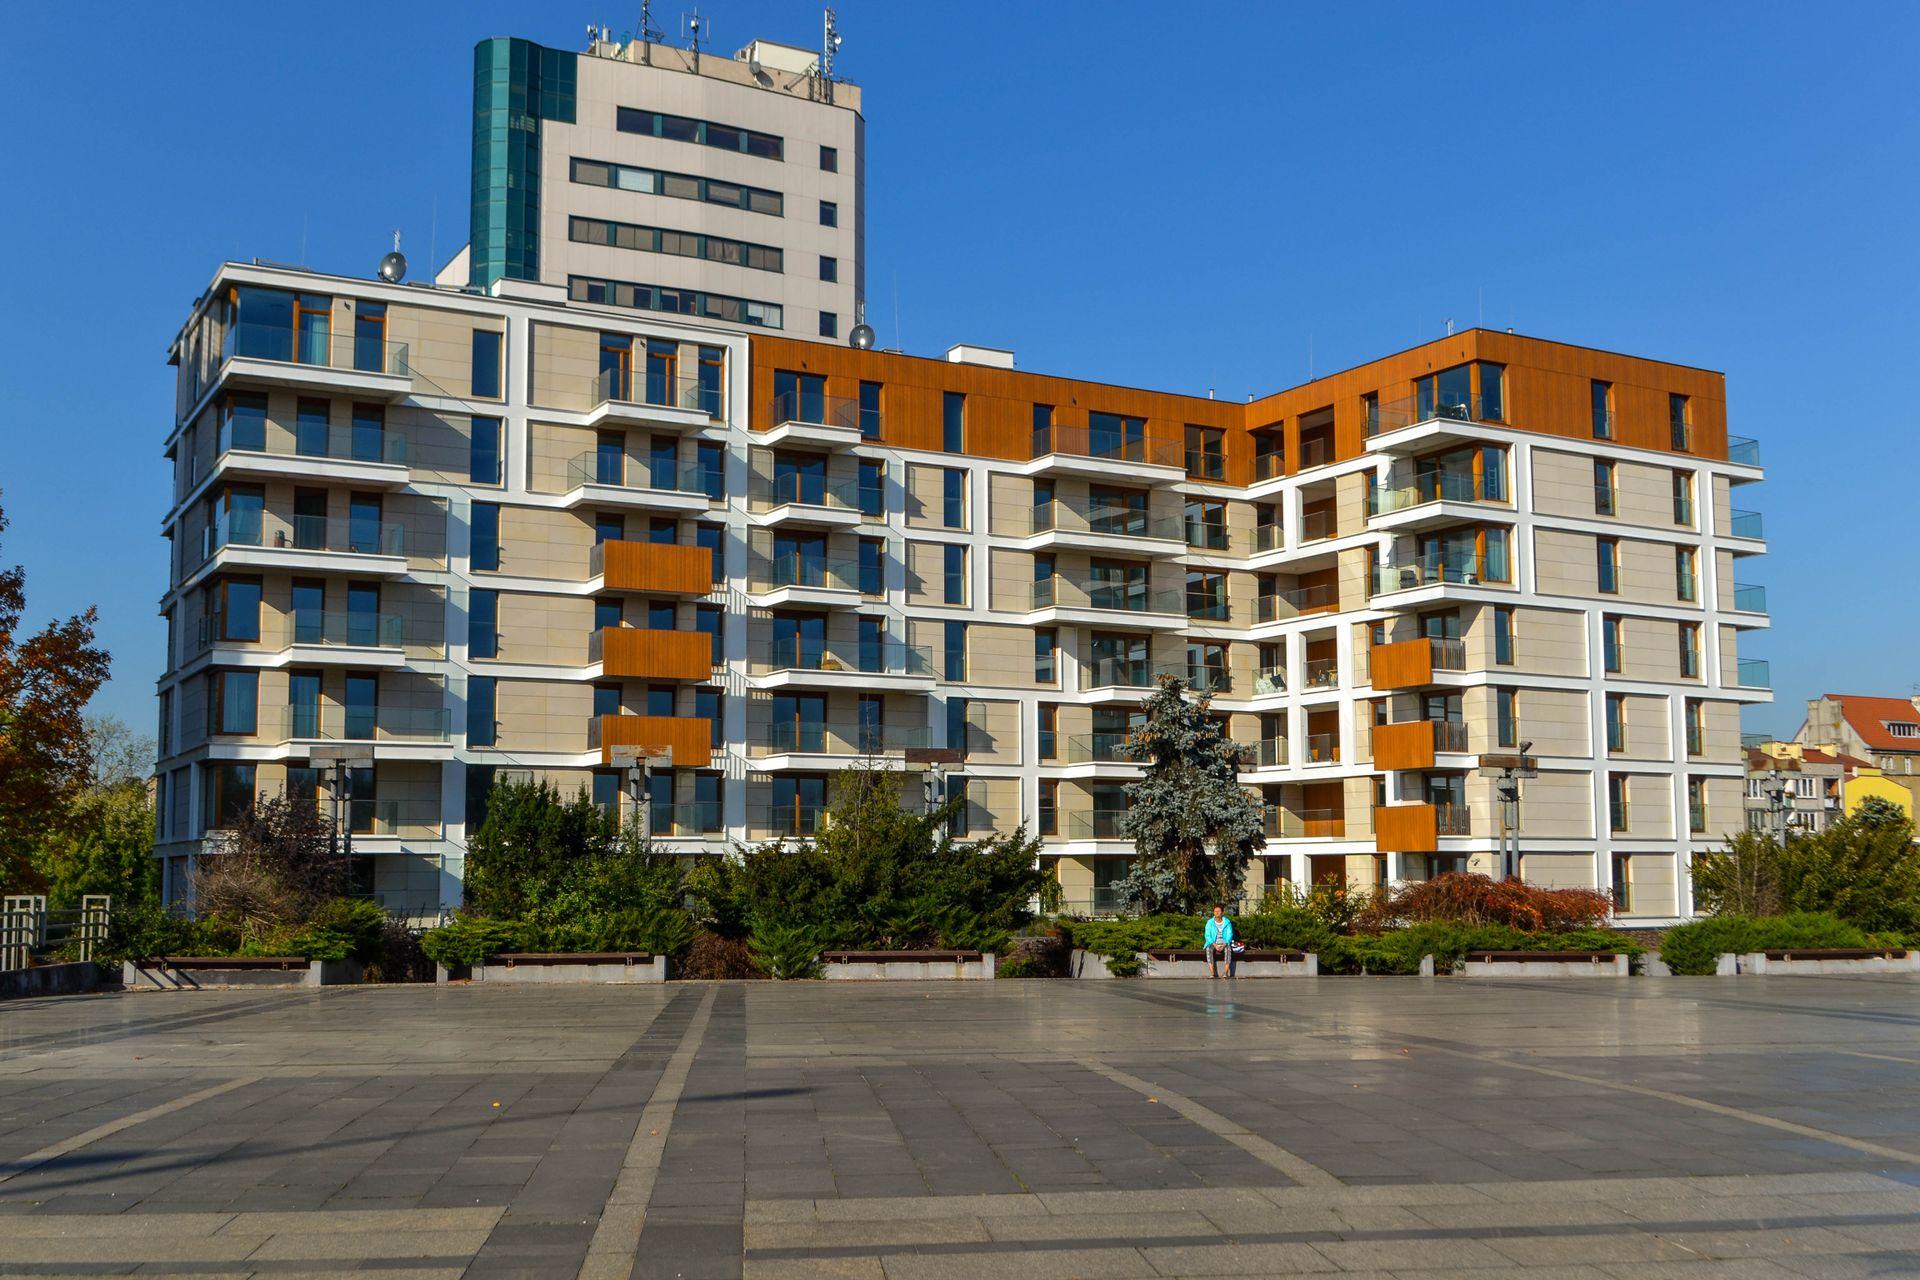 Przed zakupem mieszkania – na co warto zwrócić uwagę?